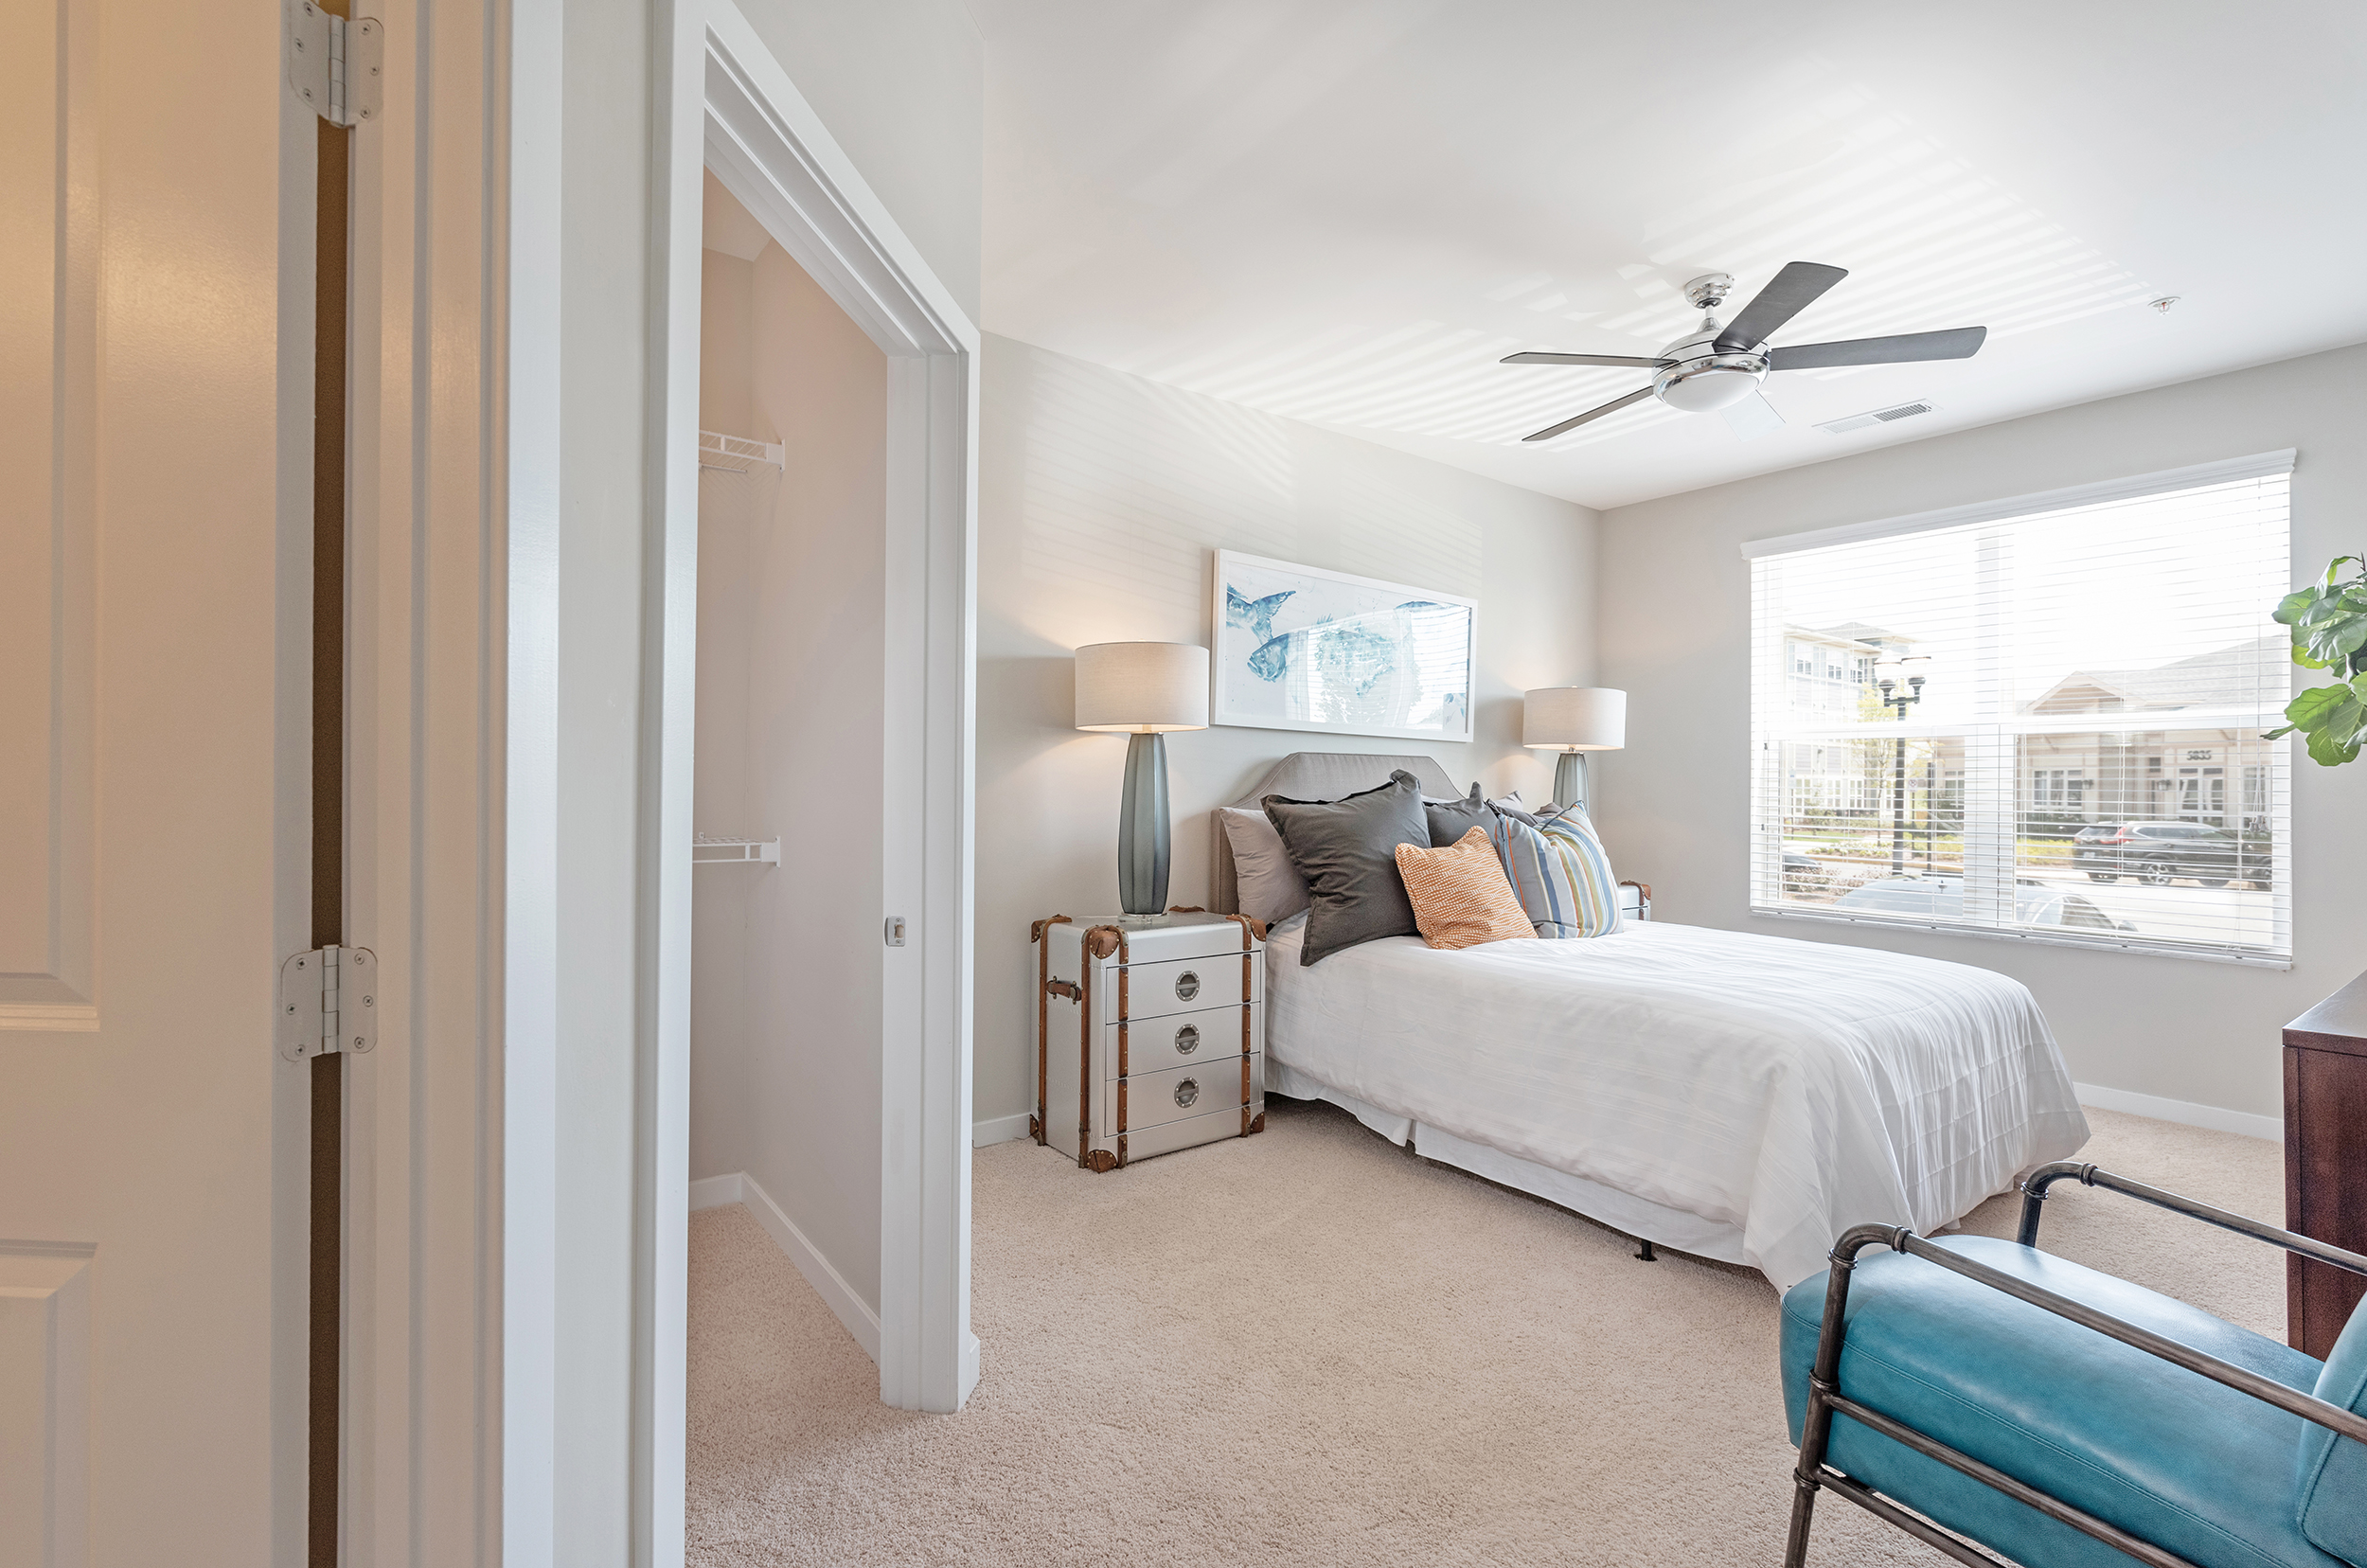 Luxury Bedroom Apartment